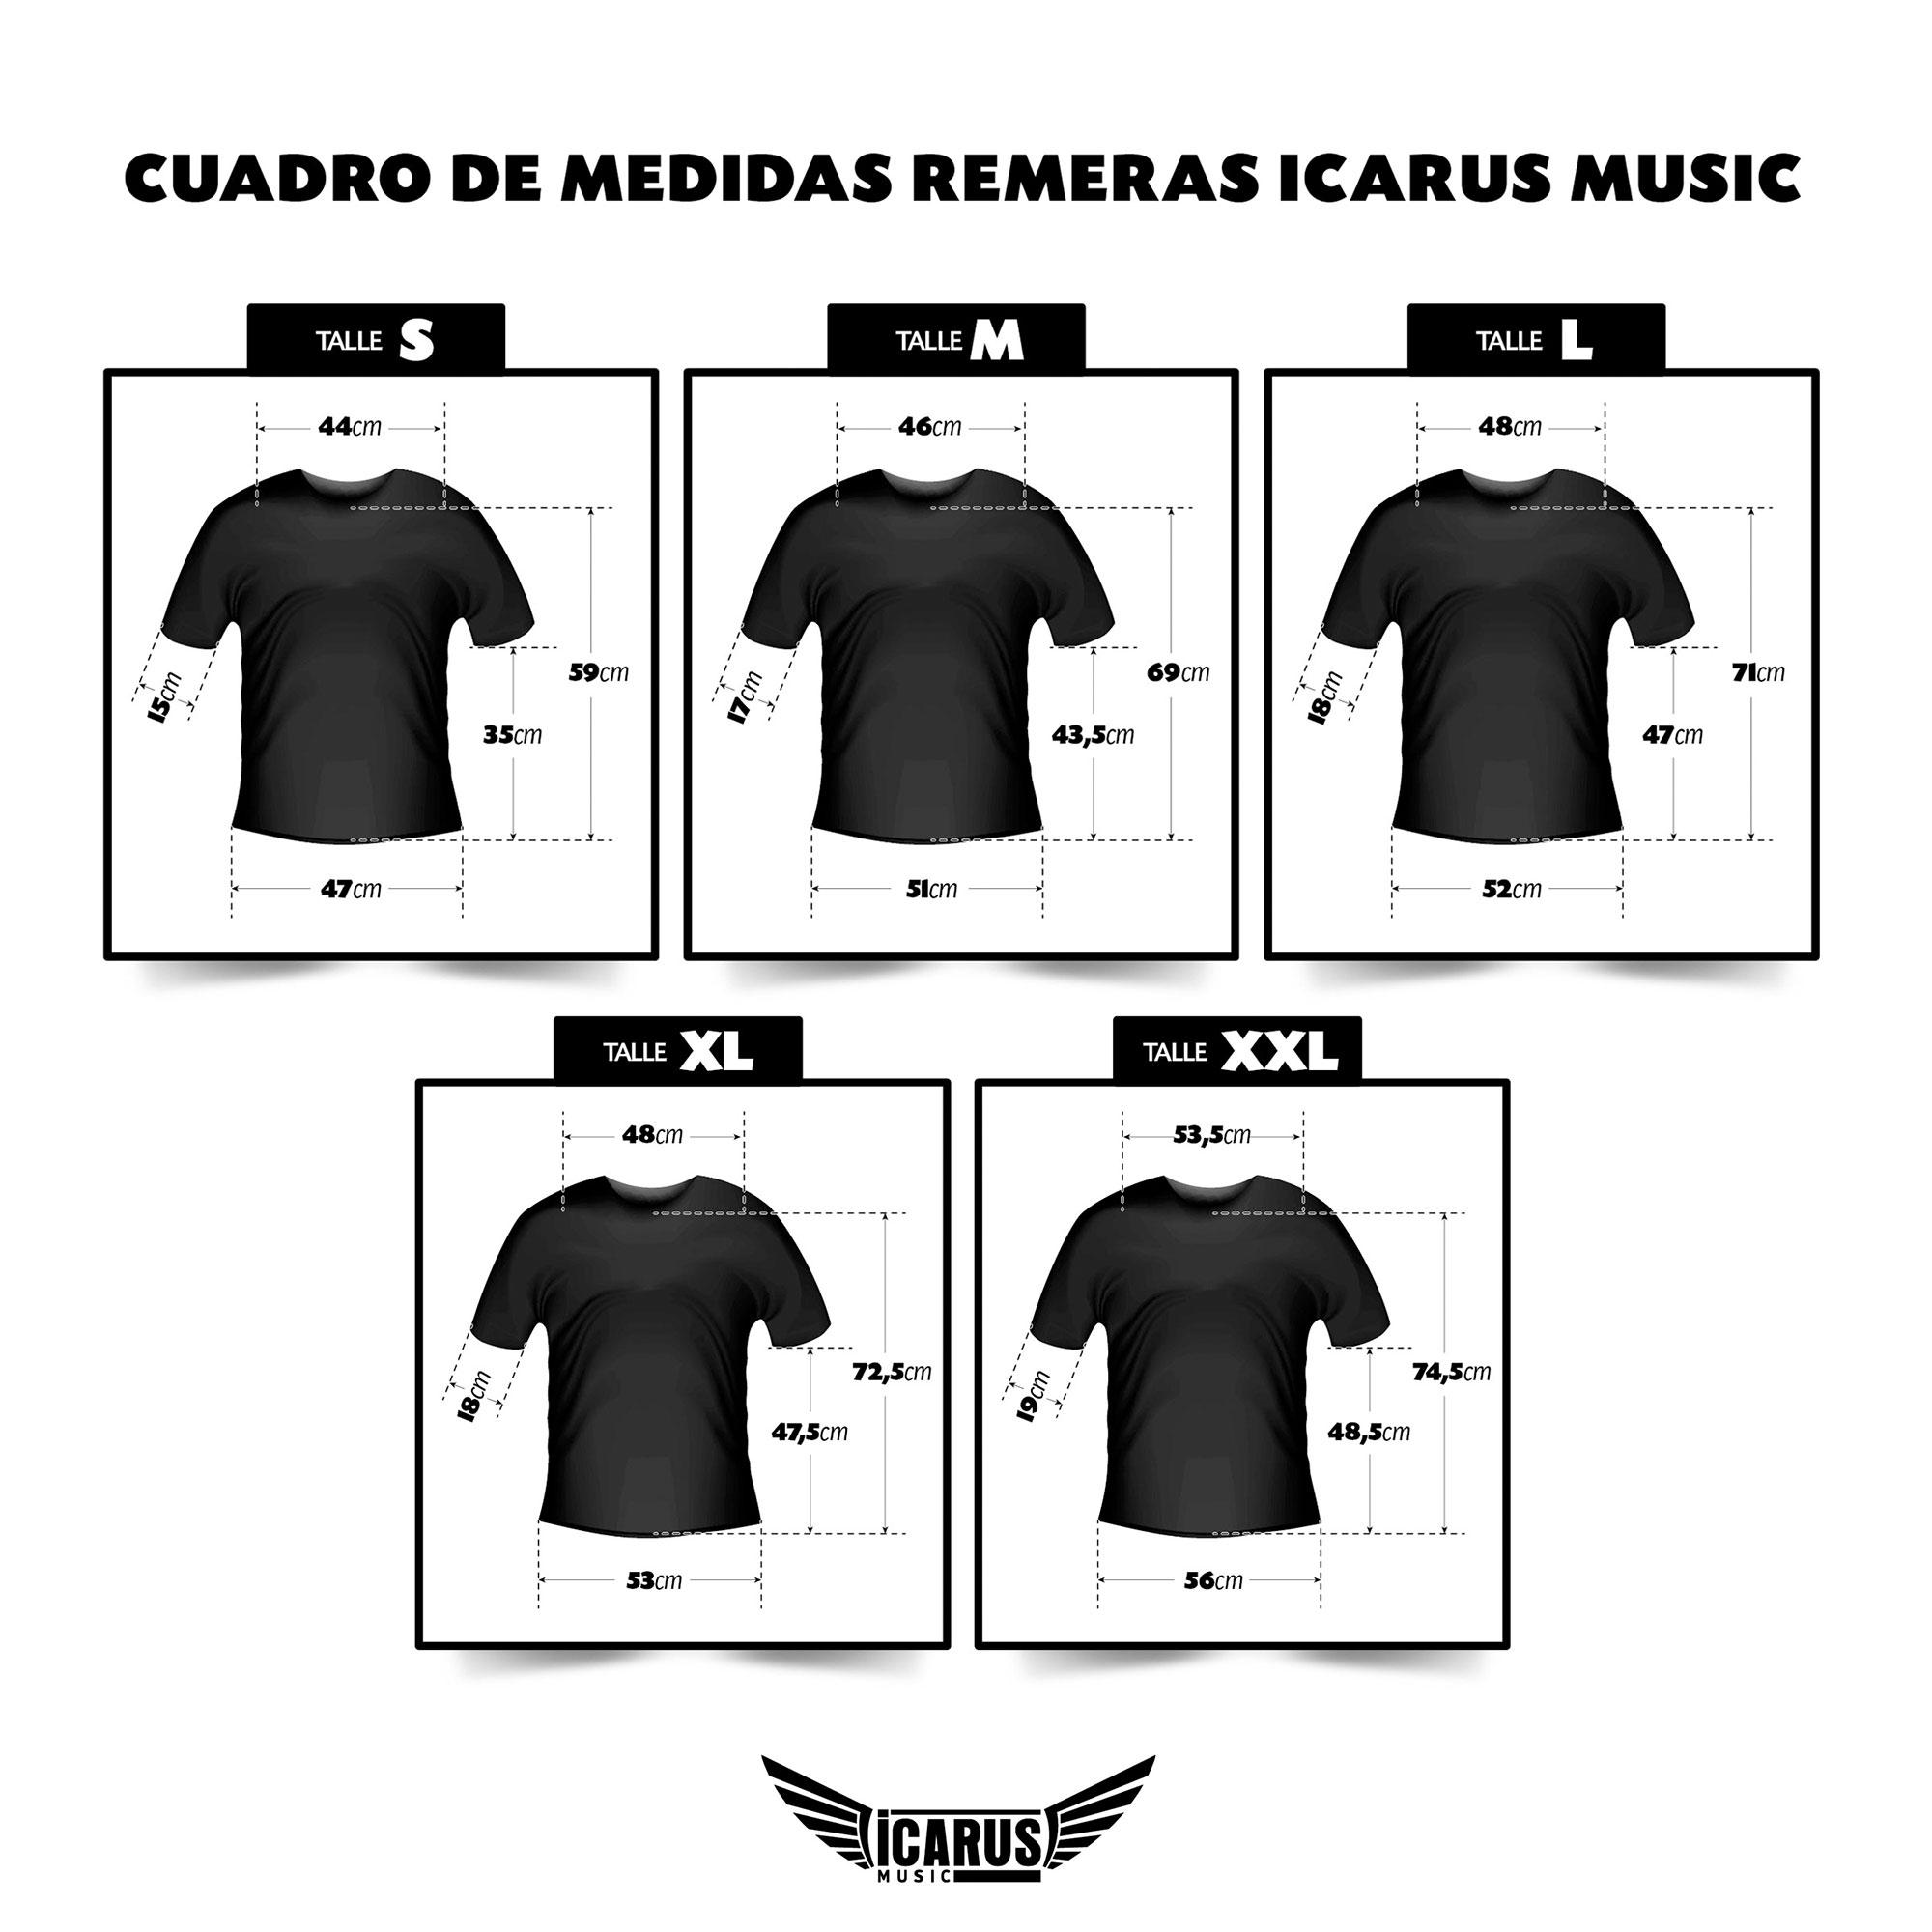 Medidas Remeras Icarus Music